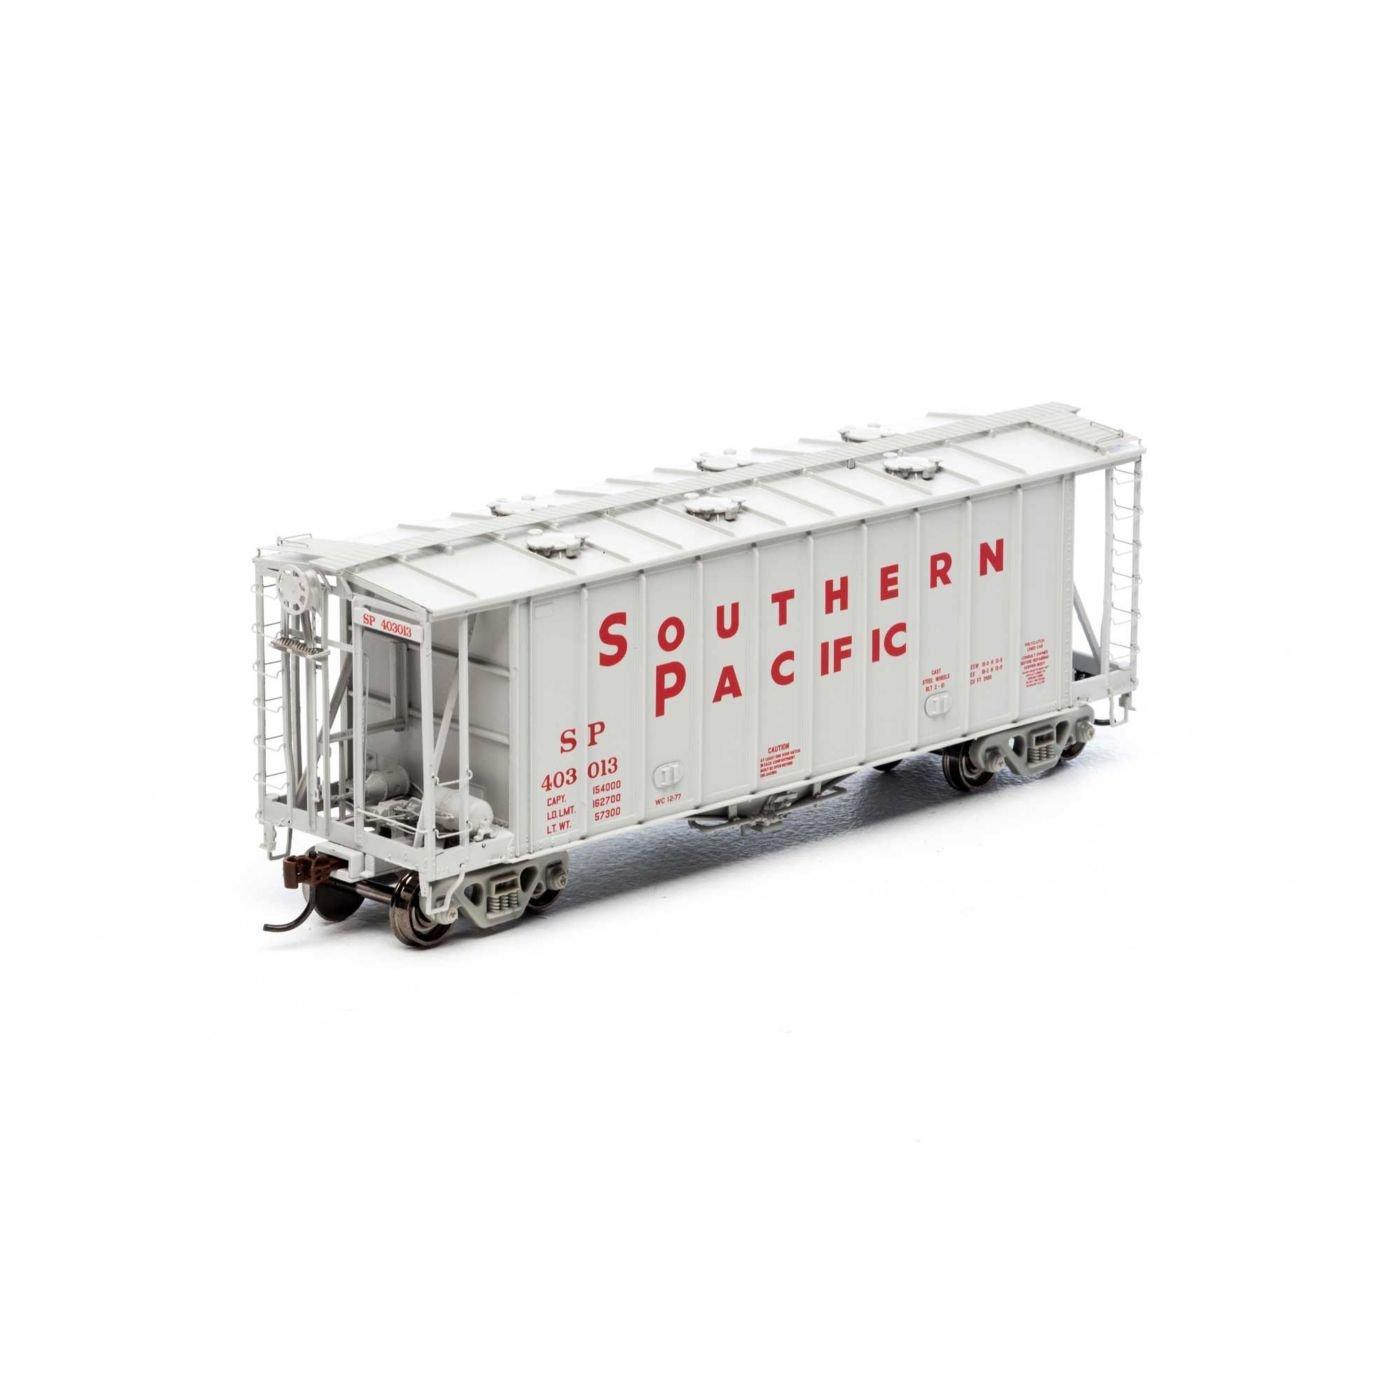 代引き手数料無料 Athearn Southern 87650 HO Southern Pacific RTR Pacific Airslide GATC 2600 Airslide Hopper 403013 B01L0EOO42, 中島村:82e380c5 --- a0267596.xsph.ru